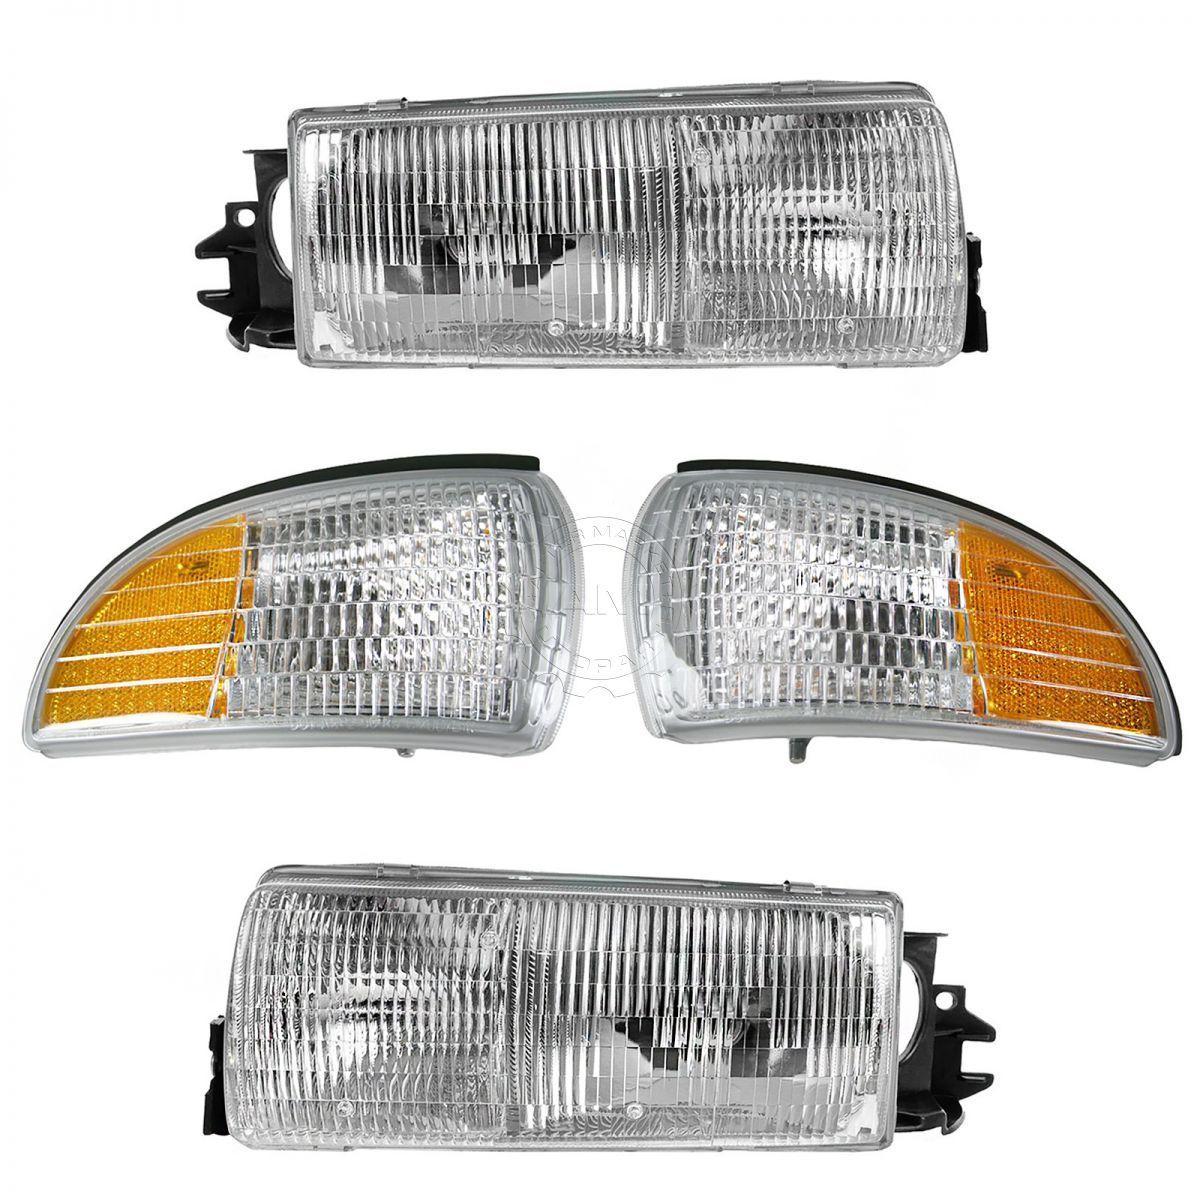 コーナーライト Headlight & Corner Light Kit Set for Roadmaster Caprice Impala Custom Cruiser ヘッドライト& Roadmaster Caprice Impalaカスタムクルーザーのコーナーライトキットセット